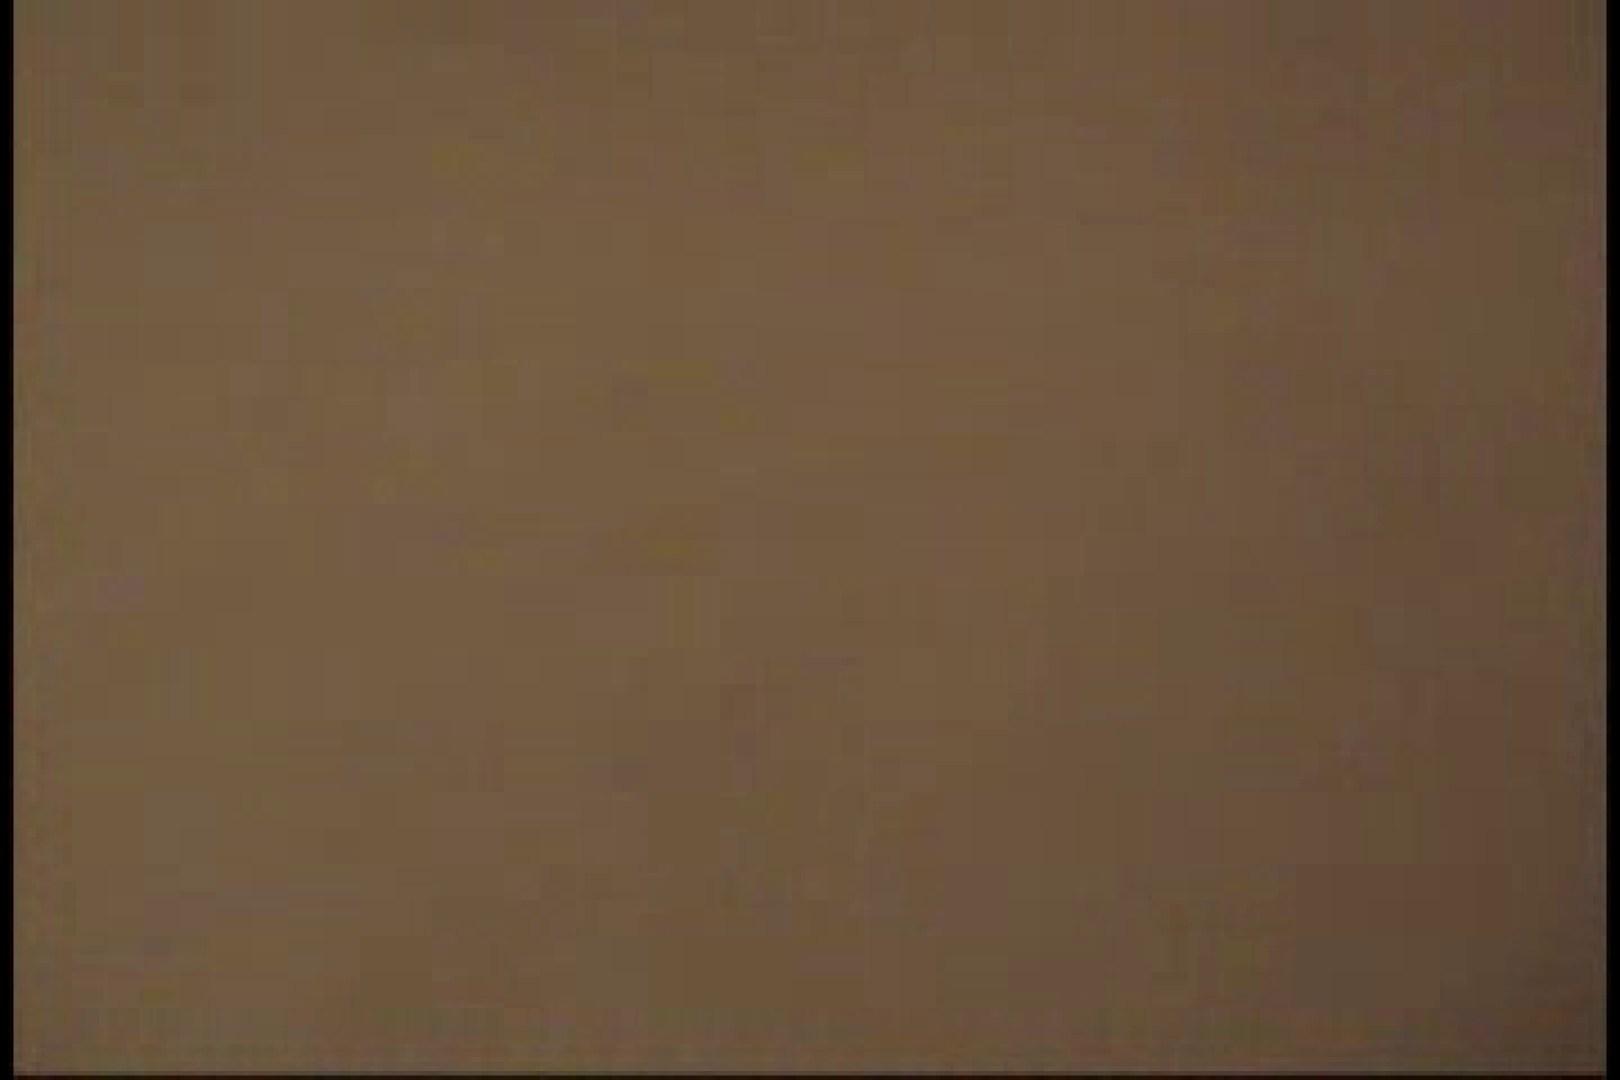 三ツ星シリーズ!!陰間茶屋独占!!第二弾!!イケメン羞恥心File.06 三ツ星シリーズ ゲイセックス画像 71画像 19